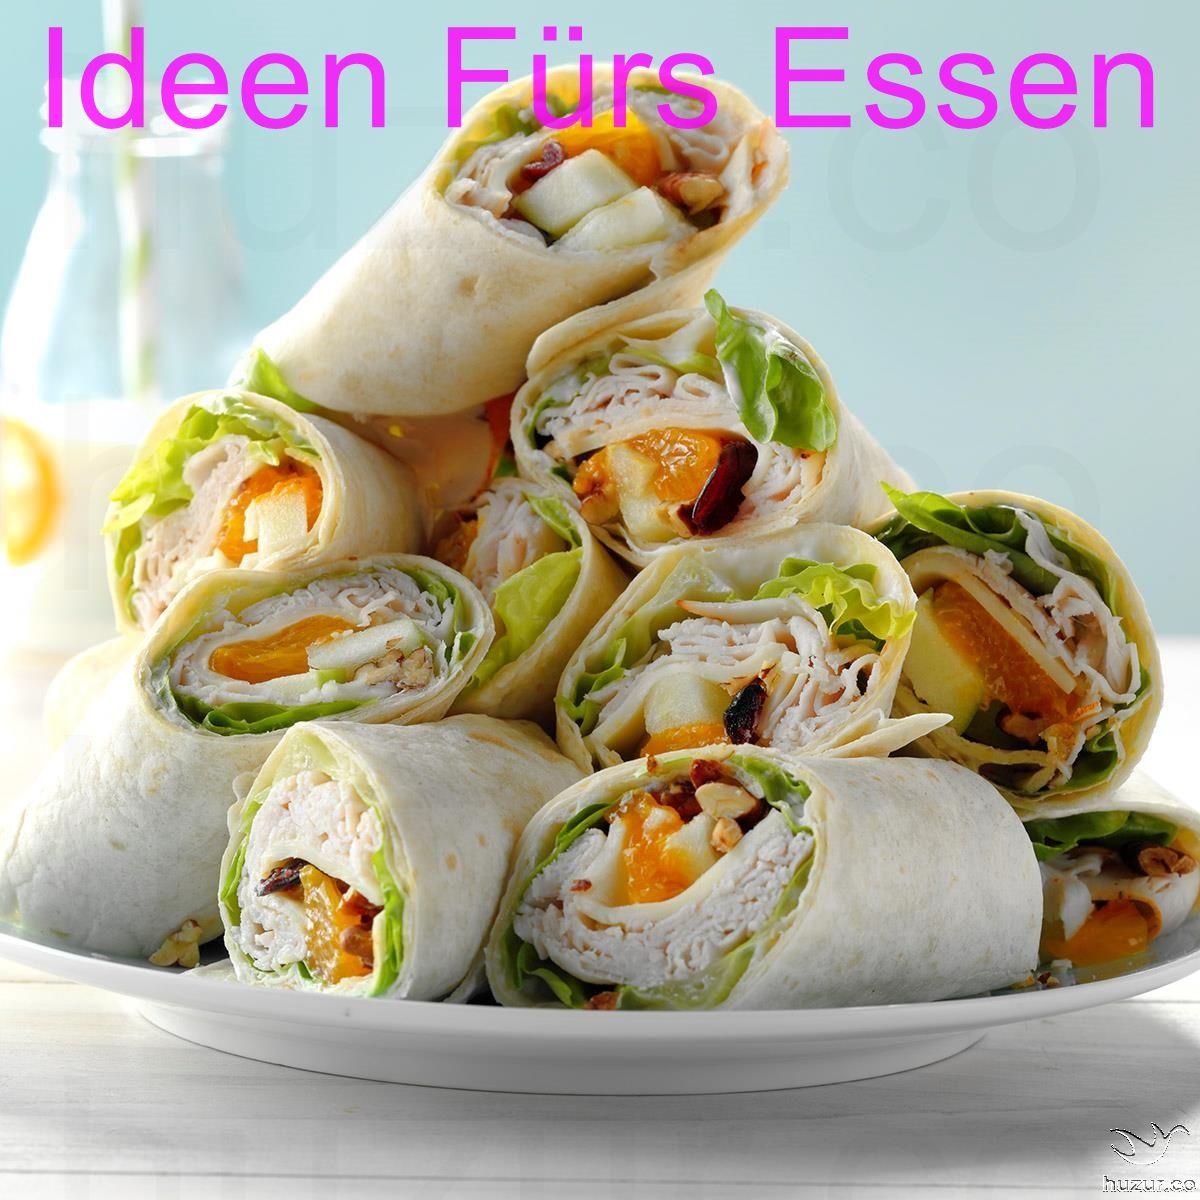 Ideen Fur Essen Auf Party Kalte Sandwiches Essen Snacks Zum